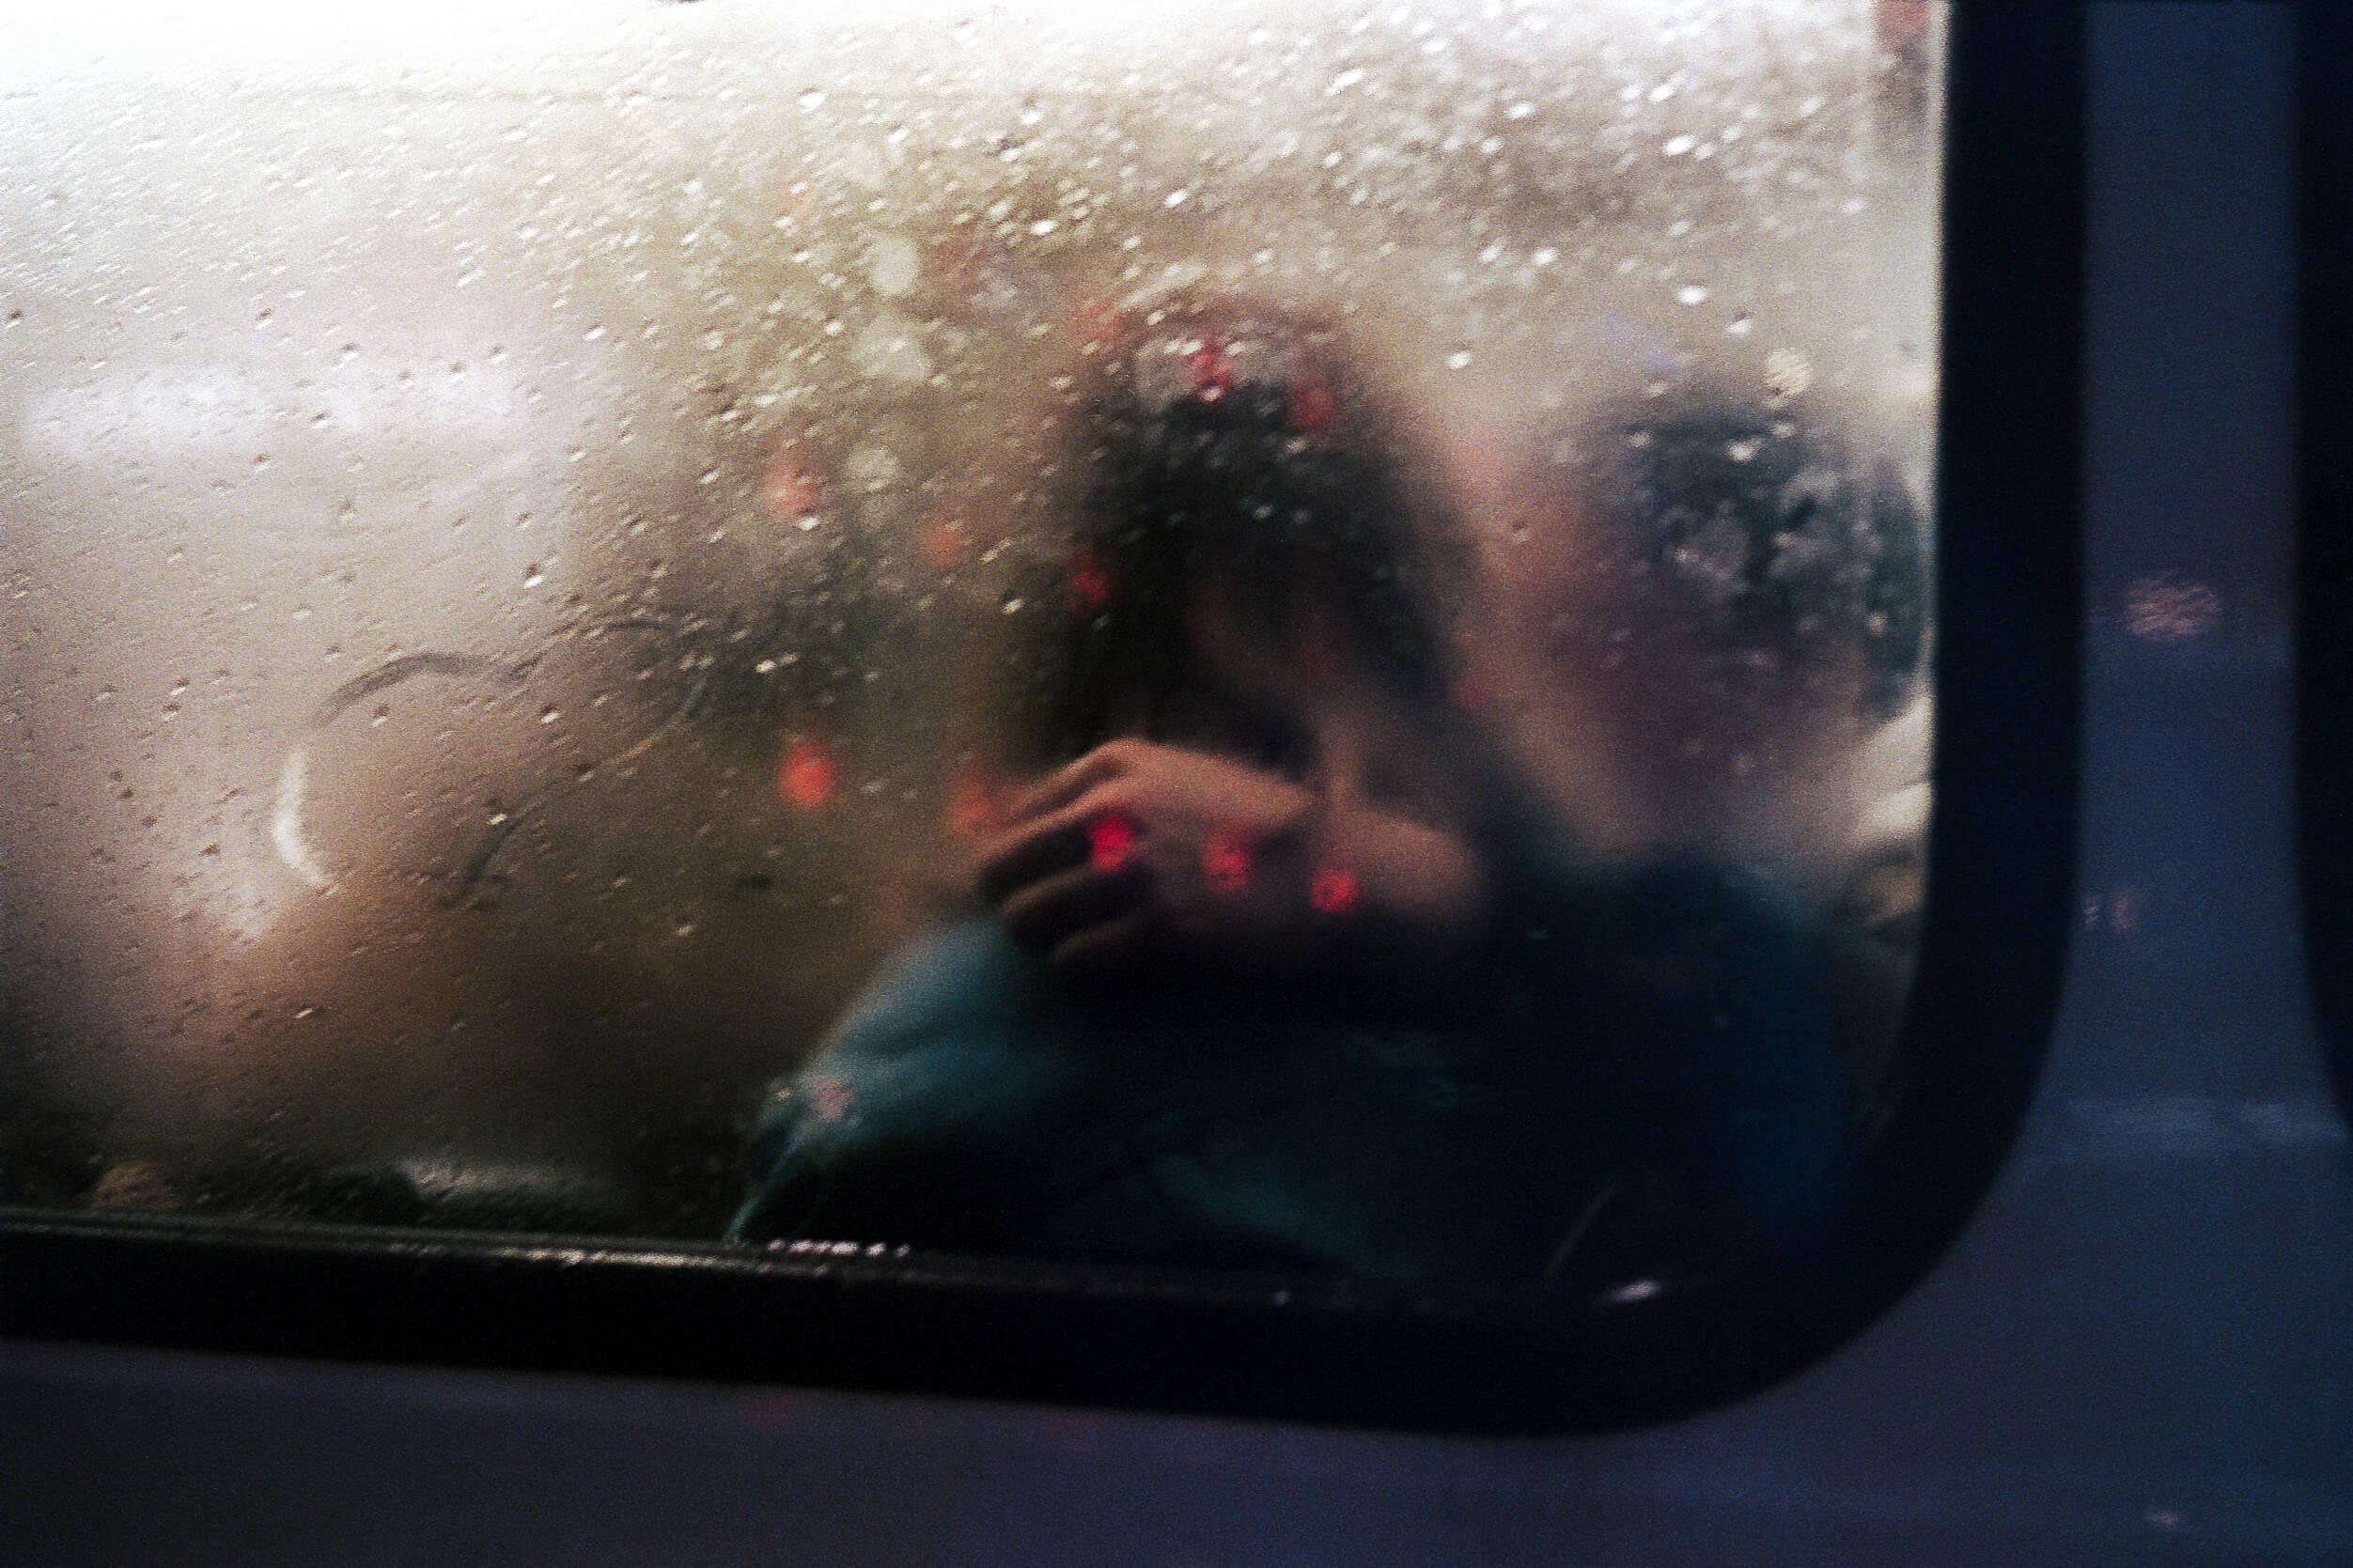 Trams & Dreams I